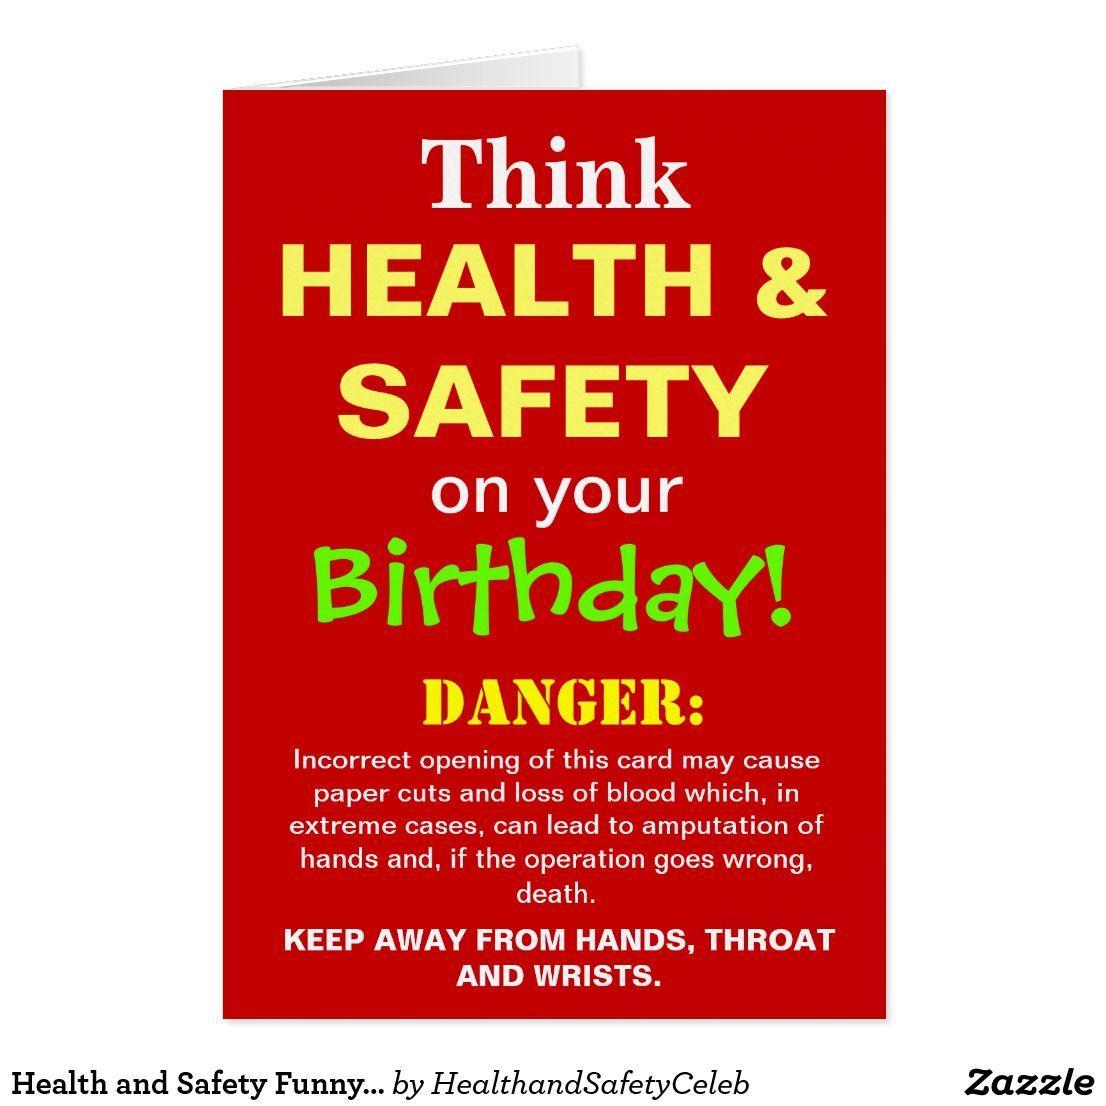 Health And Safety Funny Birthday Joke Card Zazzle Co Uk Health Humor Christmas Jokes Funny Birthday Jokes